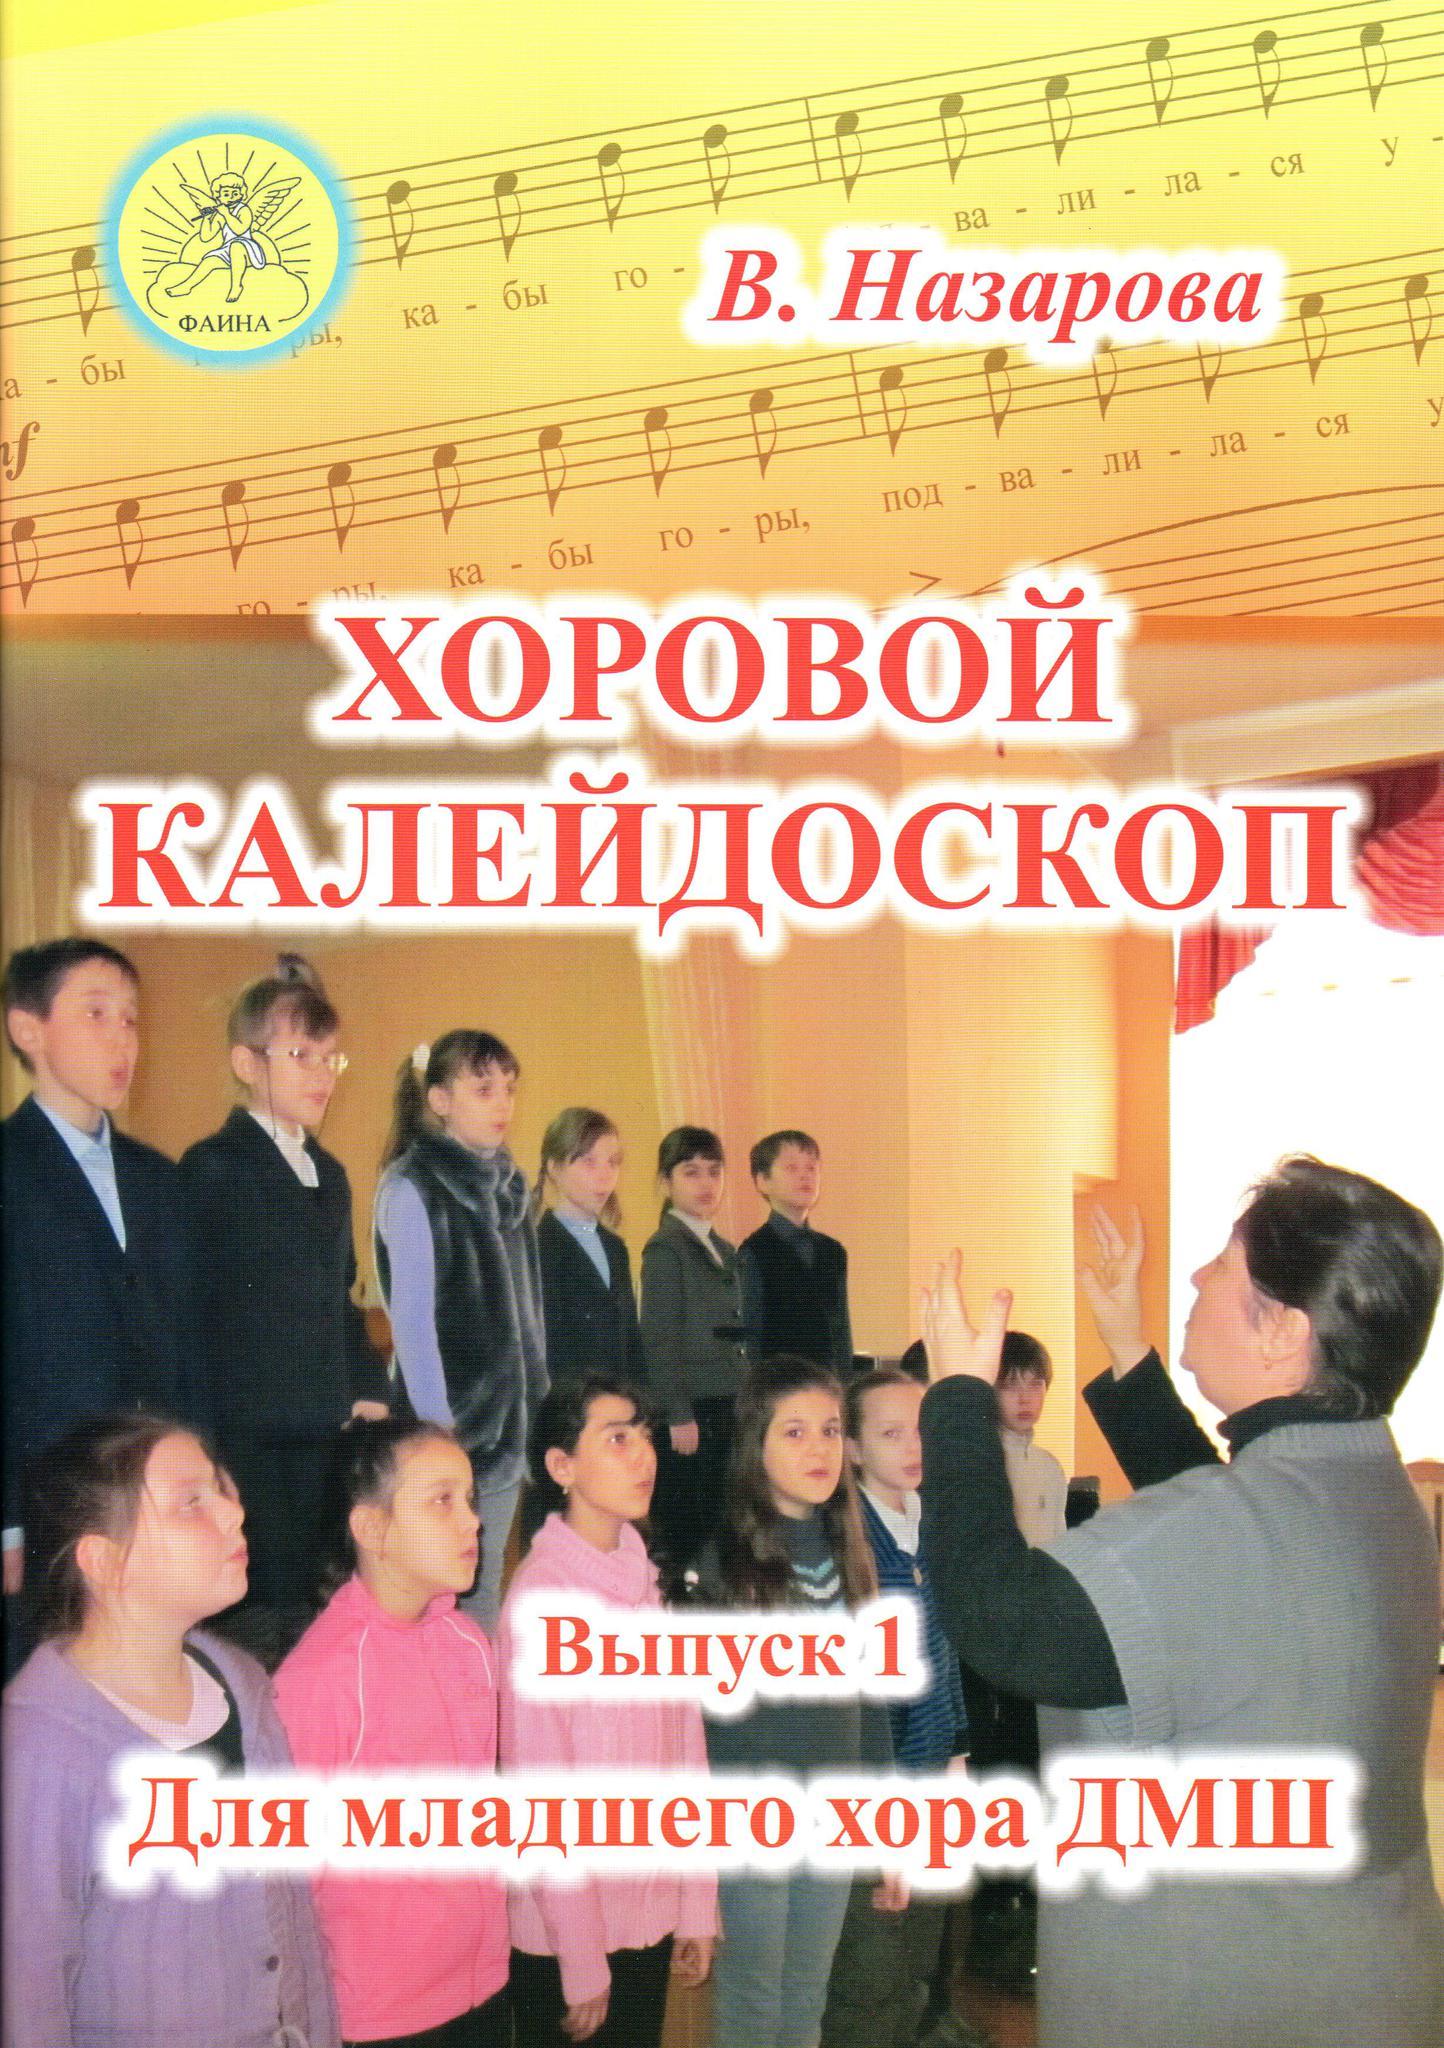 Хоровой каледоскоп Выпуск_1